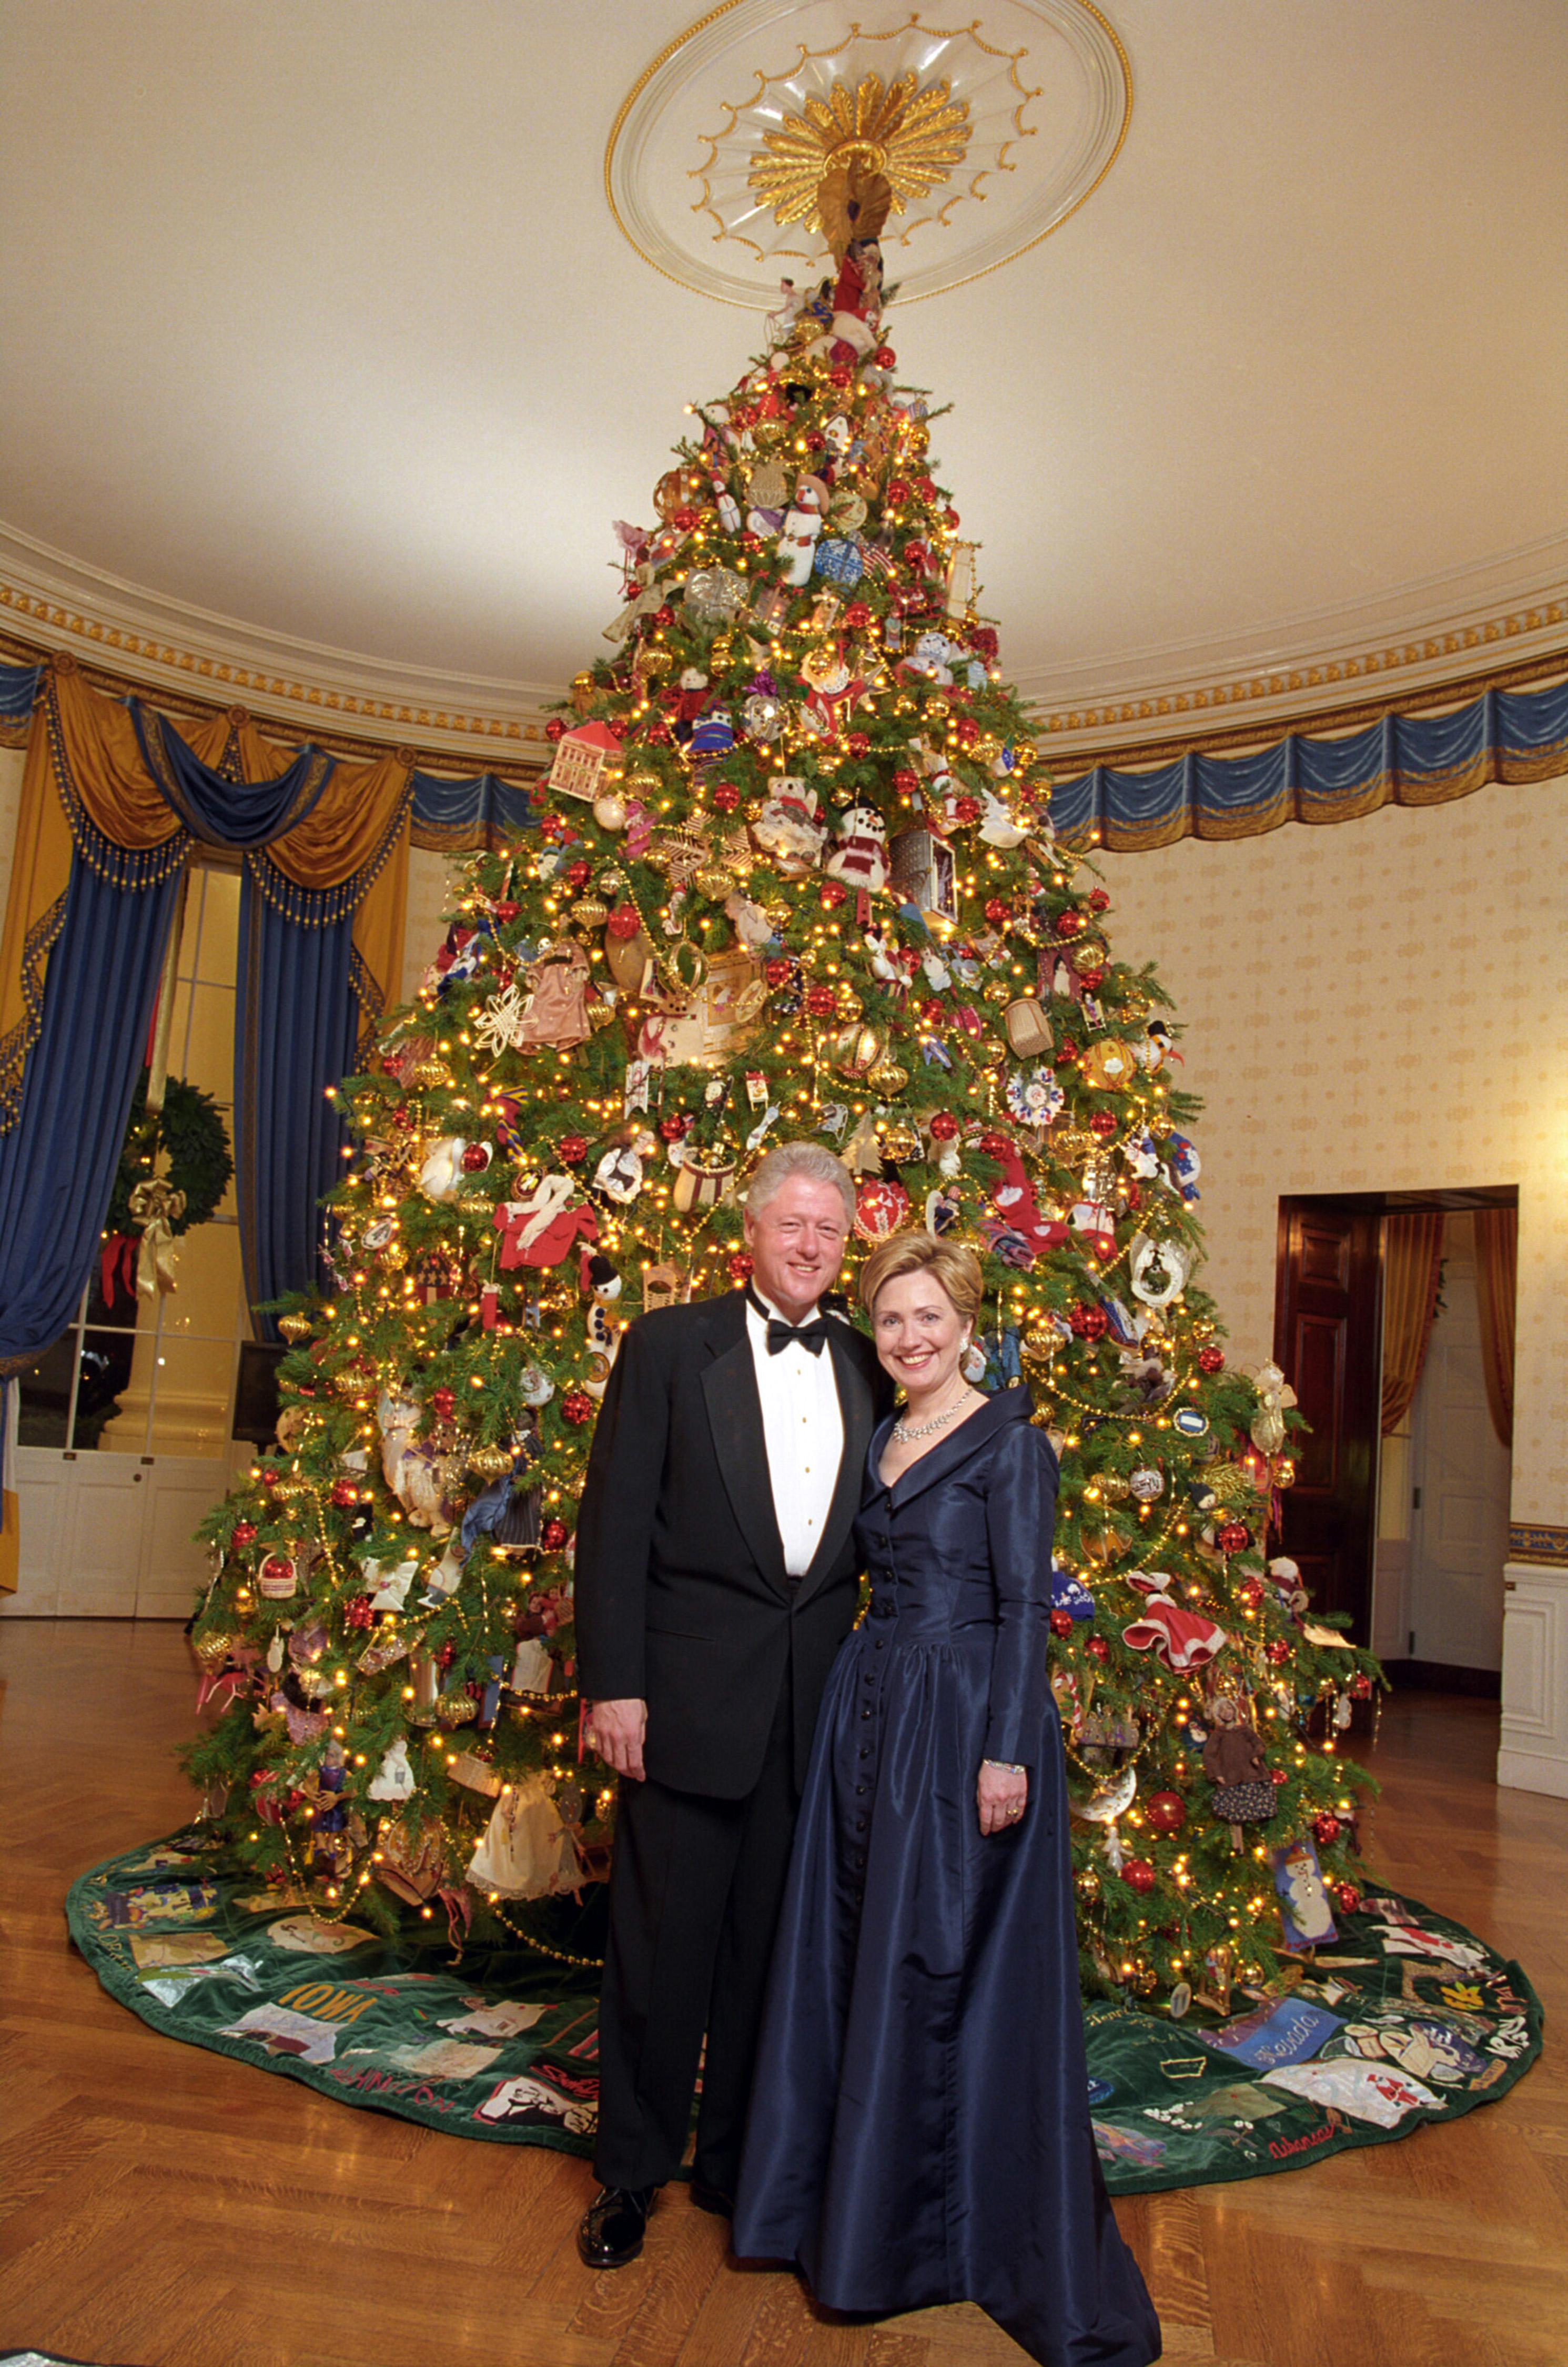 Hillary Clinton Christmas.File Bill And Hillary Clinton Christmas Portrait 2000 Jpg